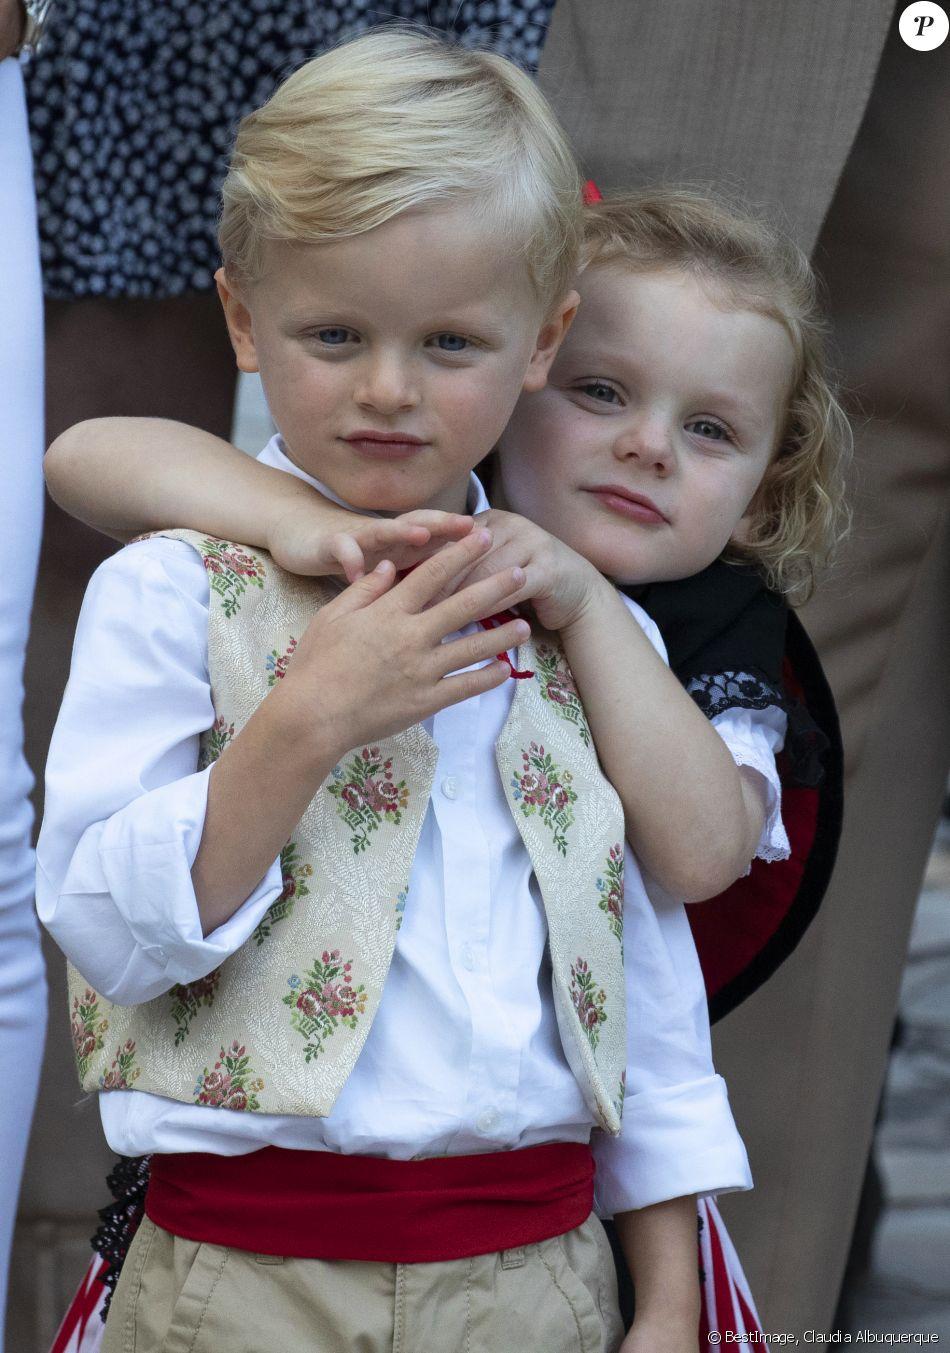 Alberto II y Charlene, Príncipes de Mónaco - Página 11 4280060-le-prince-jacques-de-monaco-et-la-prince-950x0-2